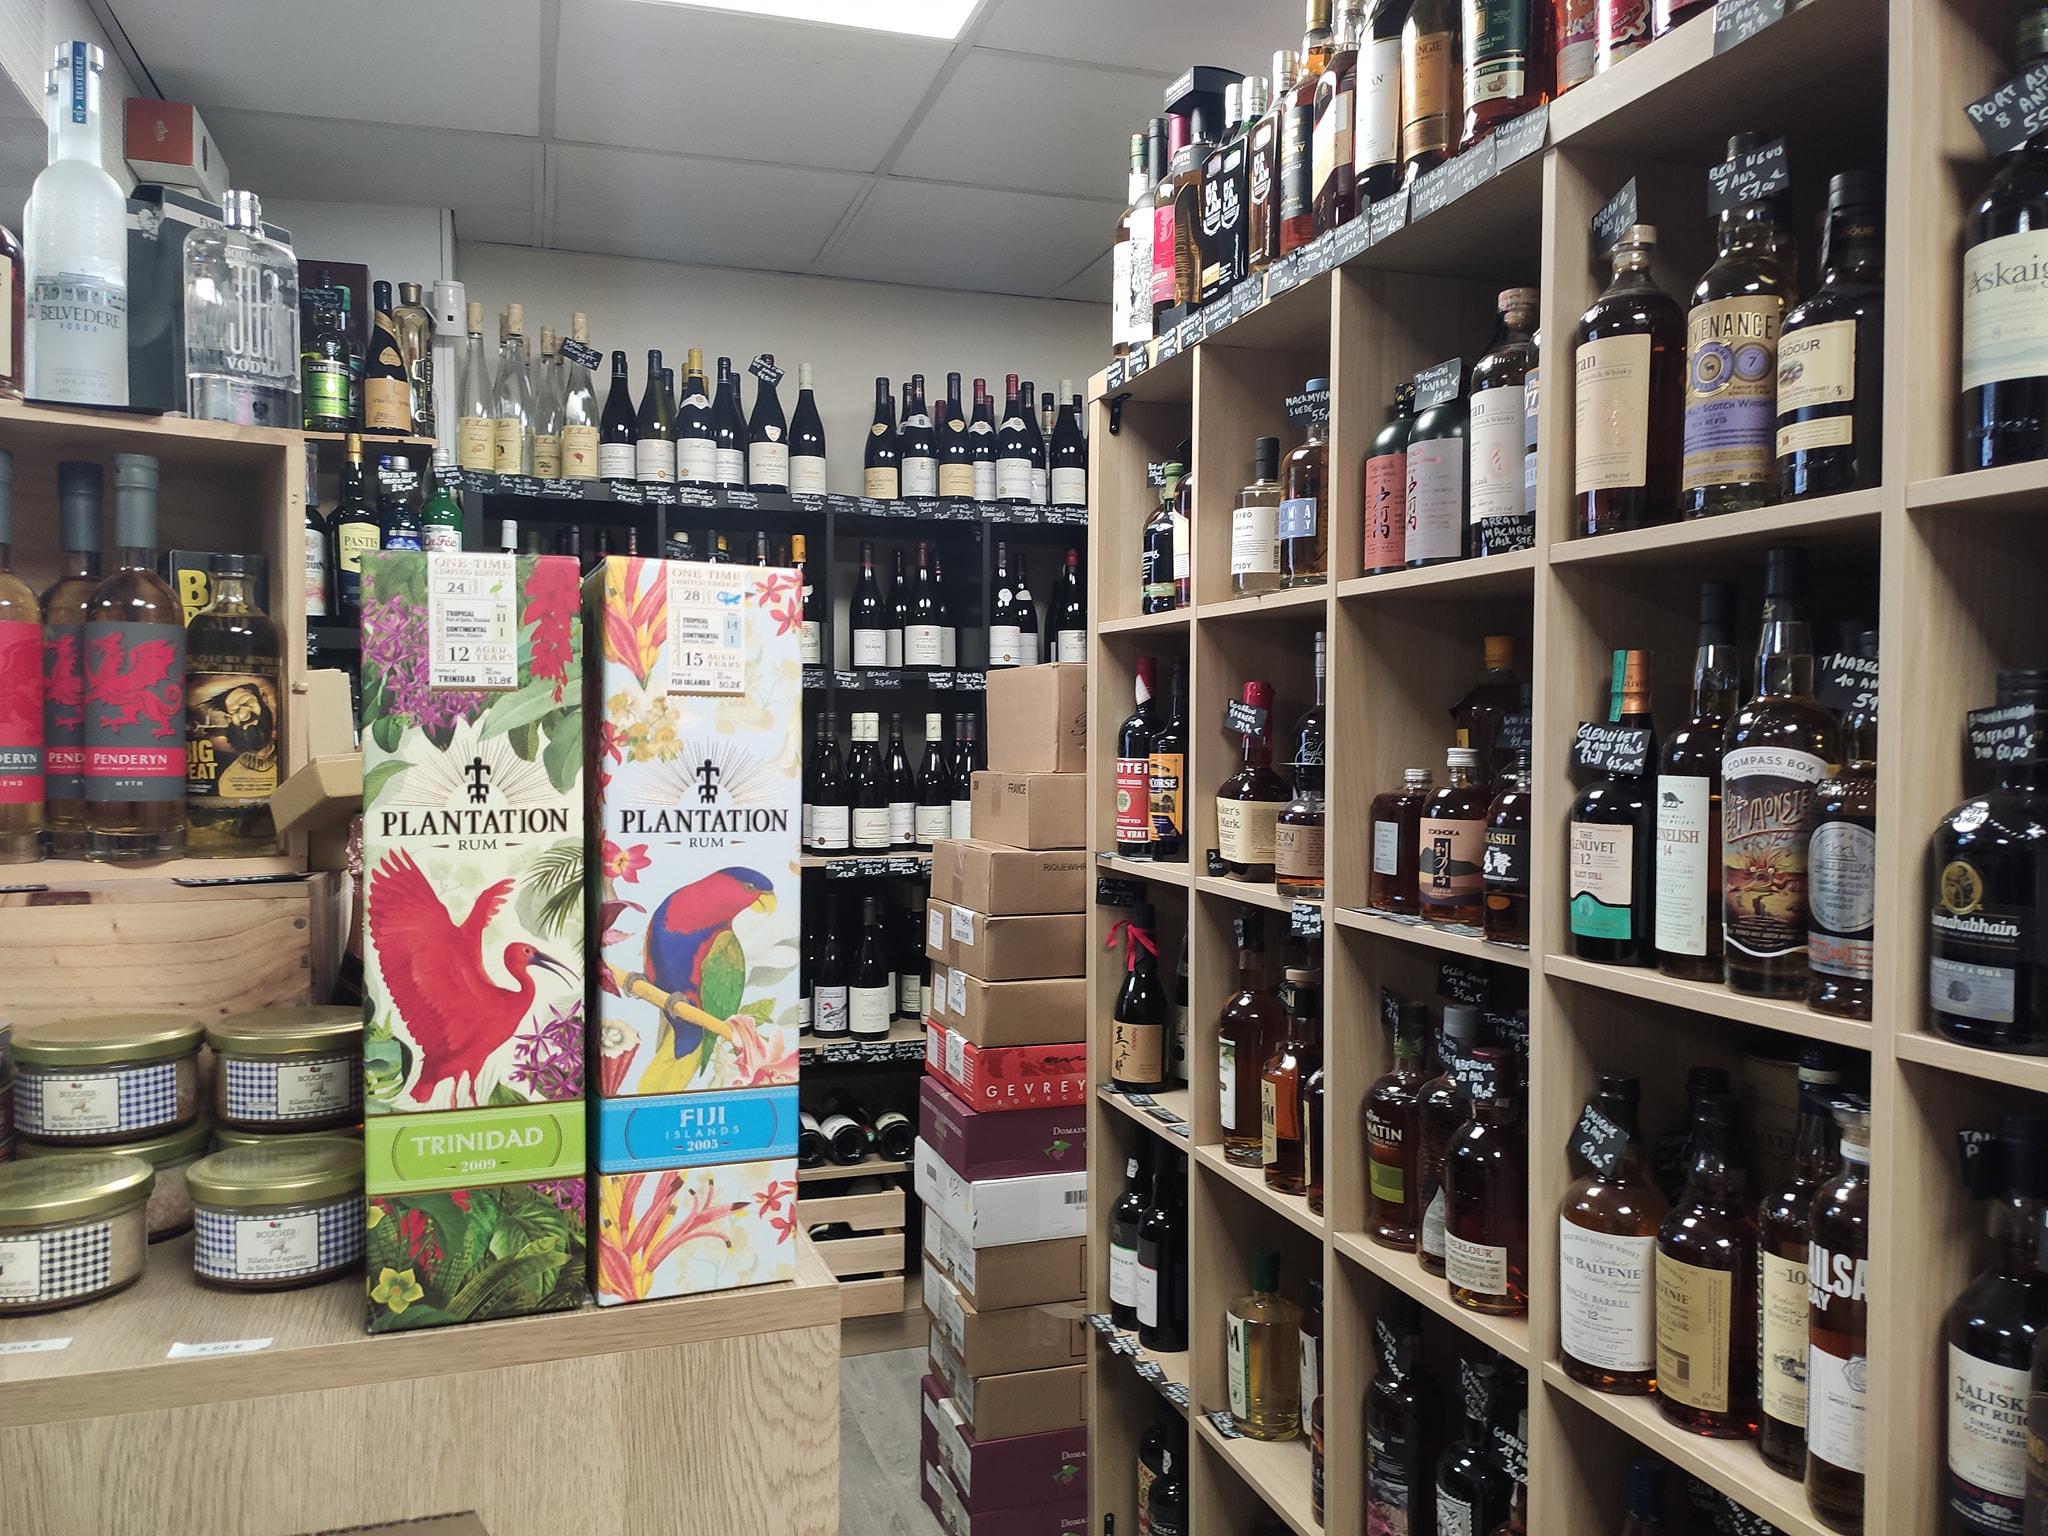 Bières et spiritueux - La Cave de Villiers-sur-Marne